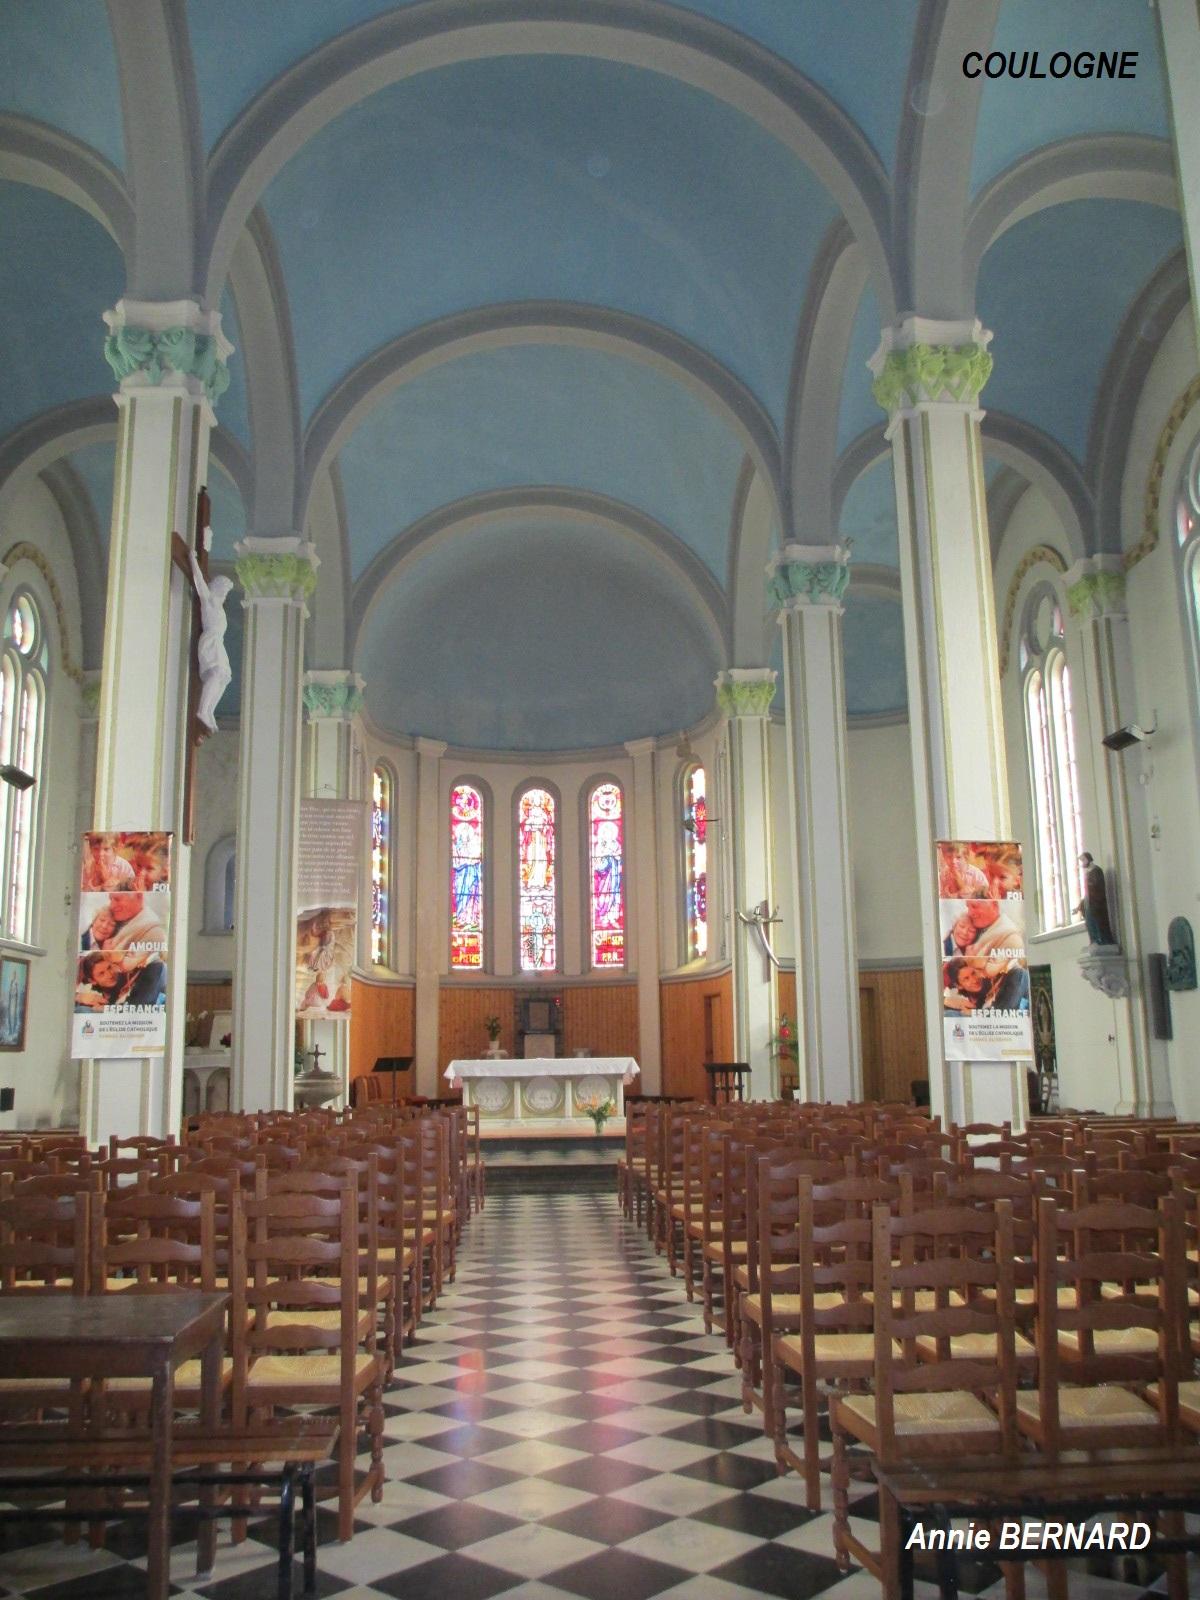 L'intérieur de l'église Saint-Jacques de Coulogne